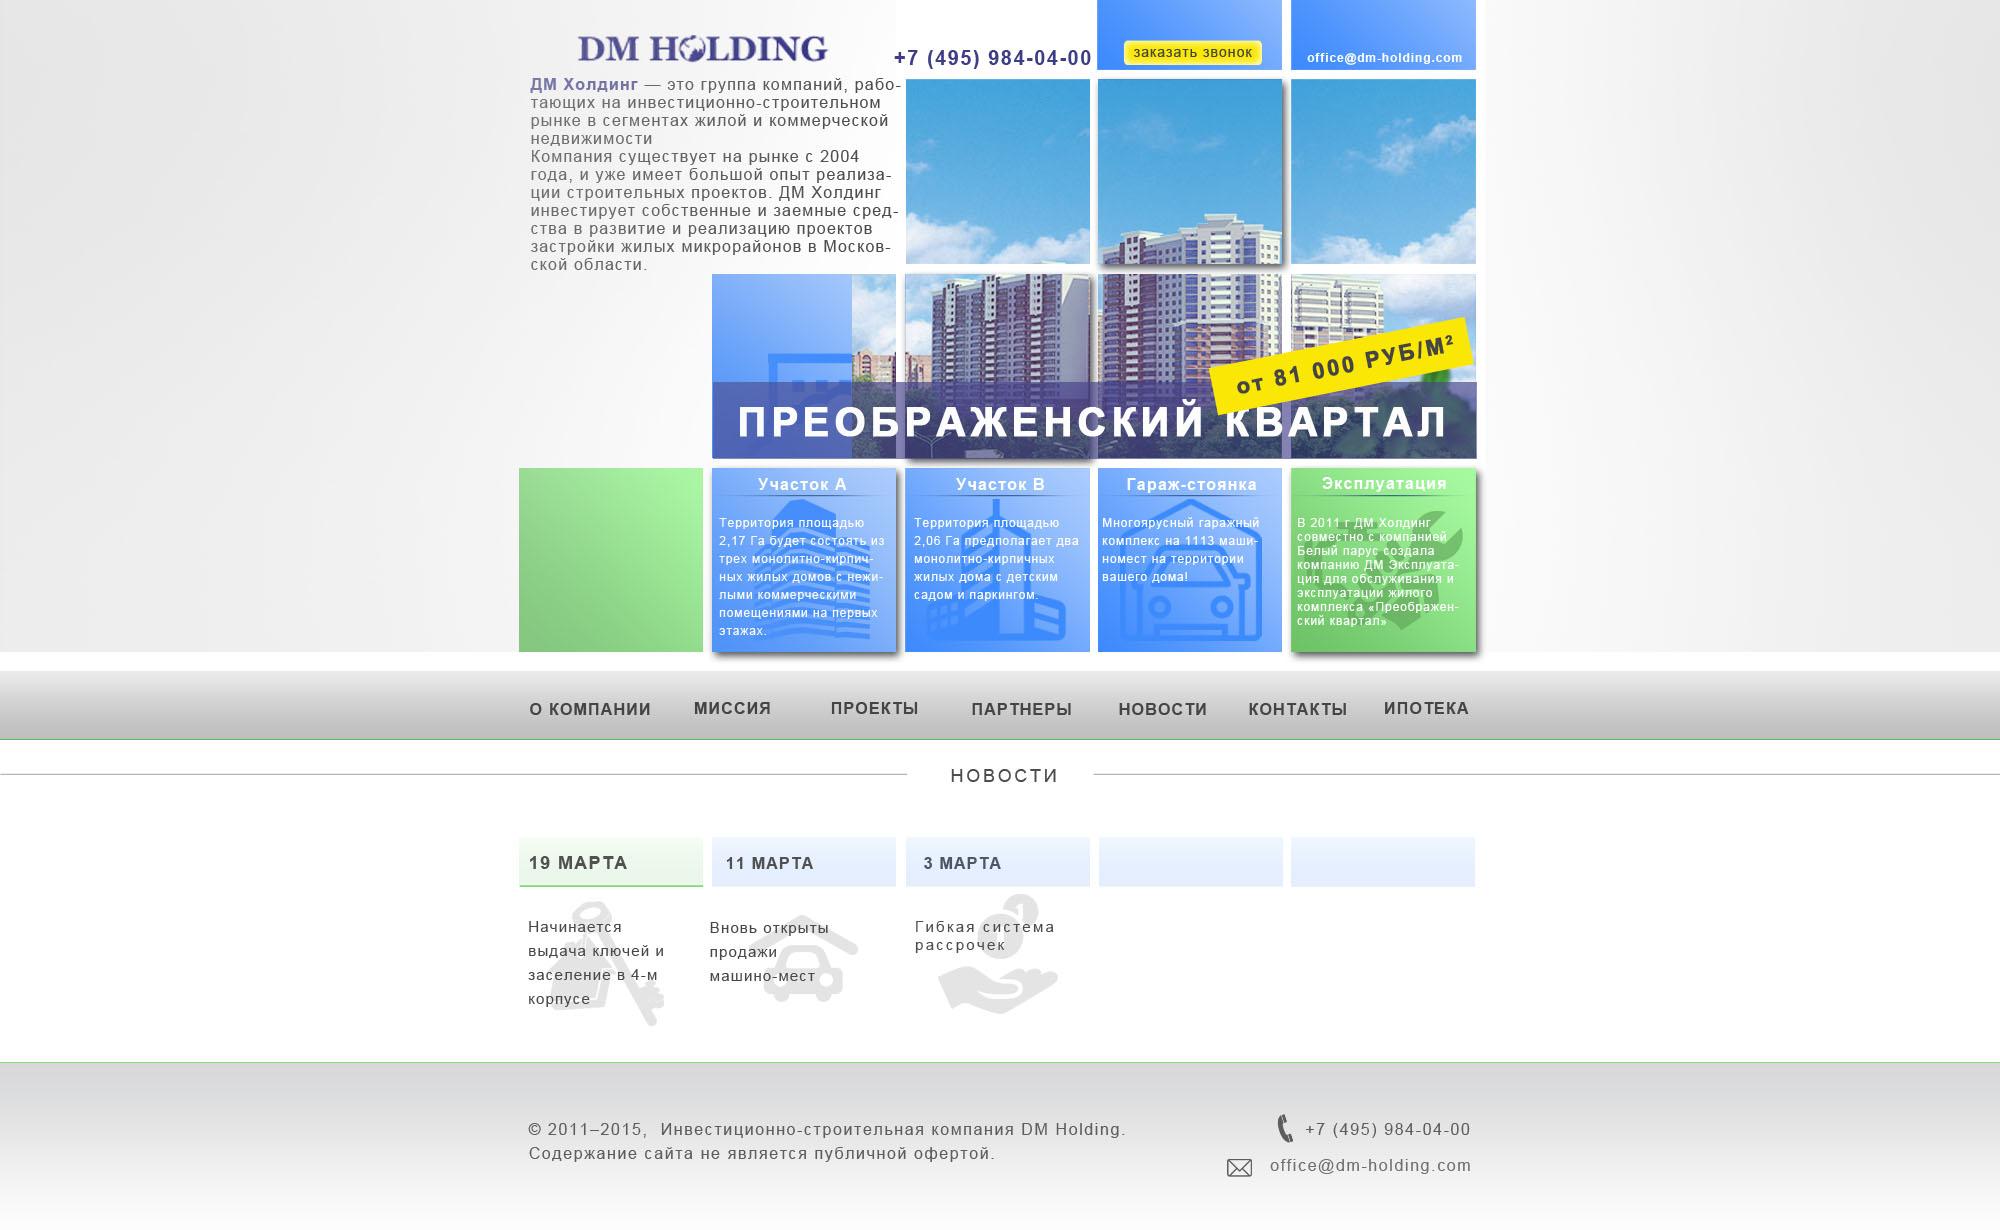 Редизайн сайта компании застройщика фото f_8705516f2a91a4c5.jpg